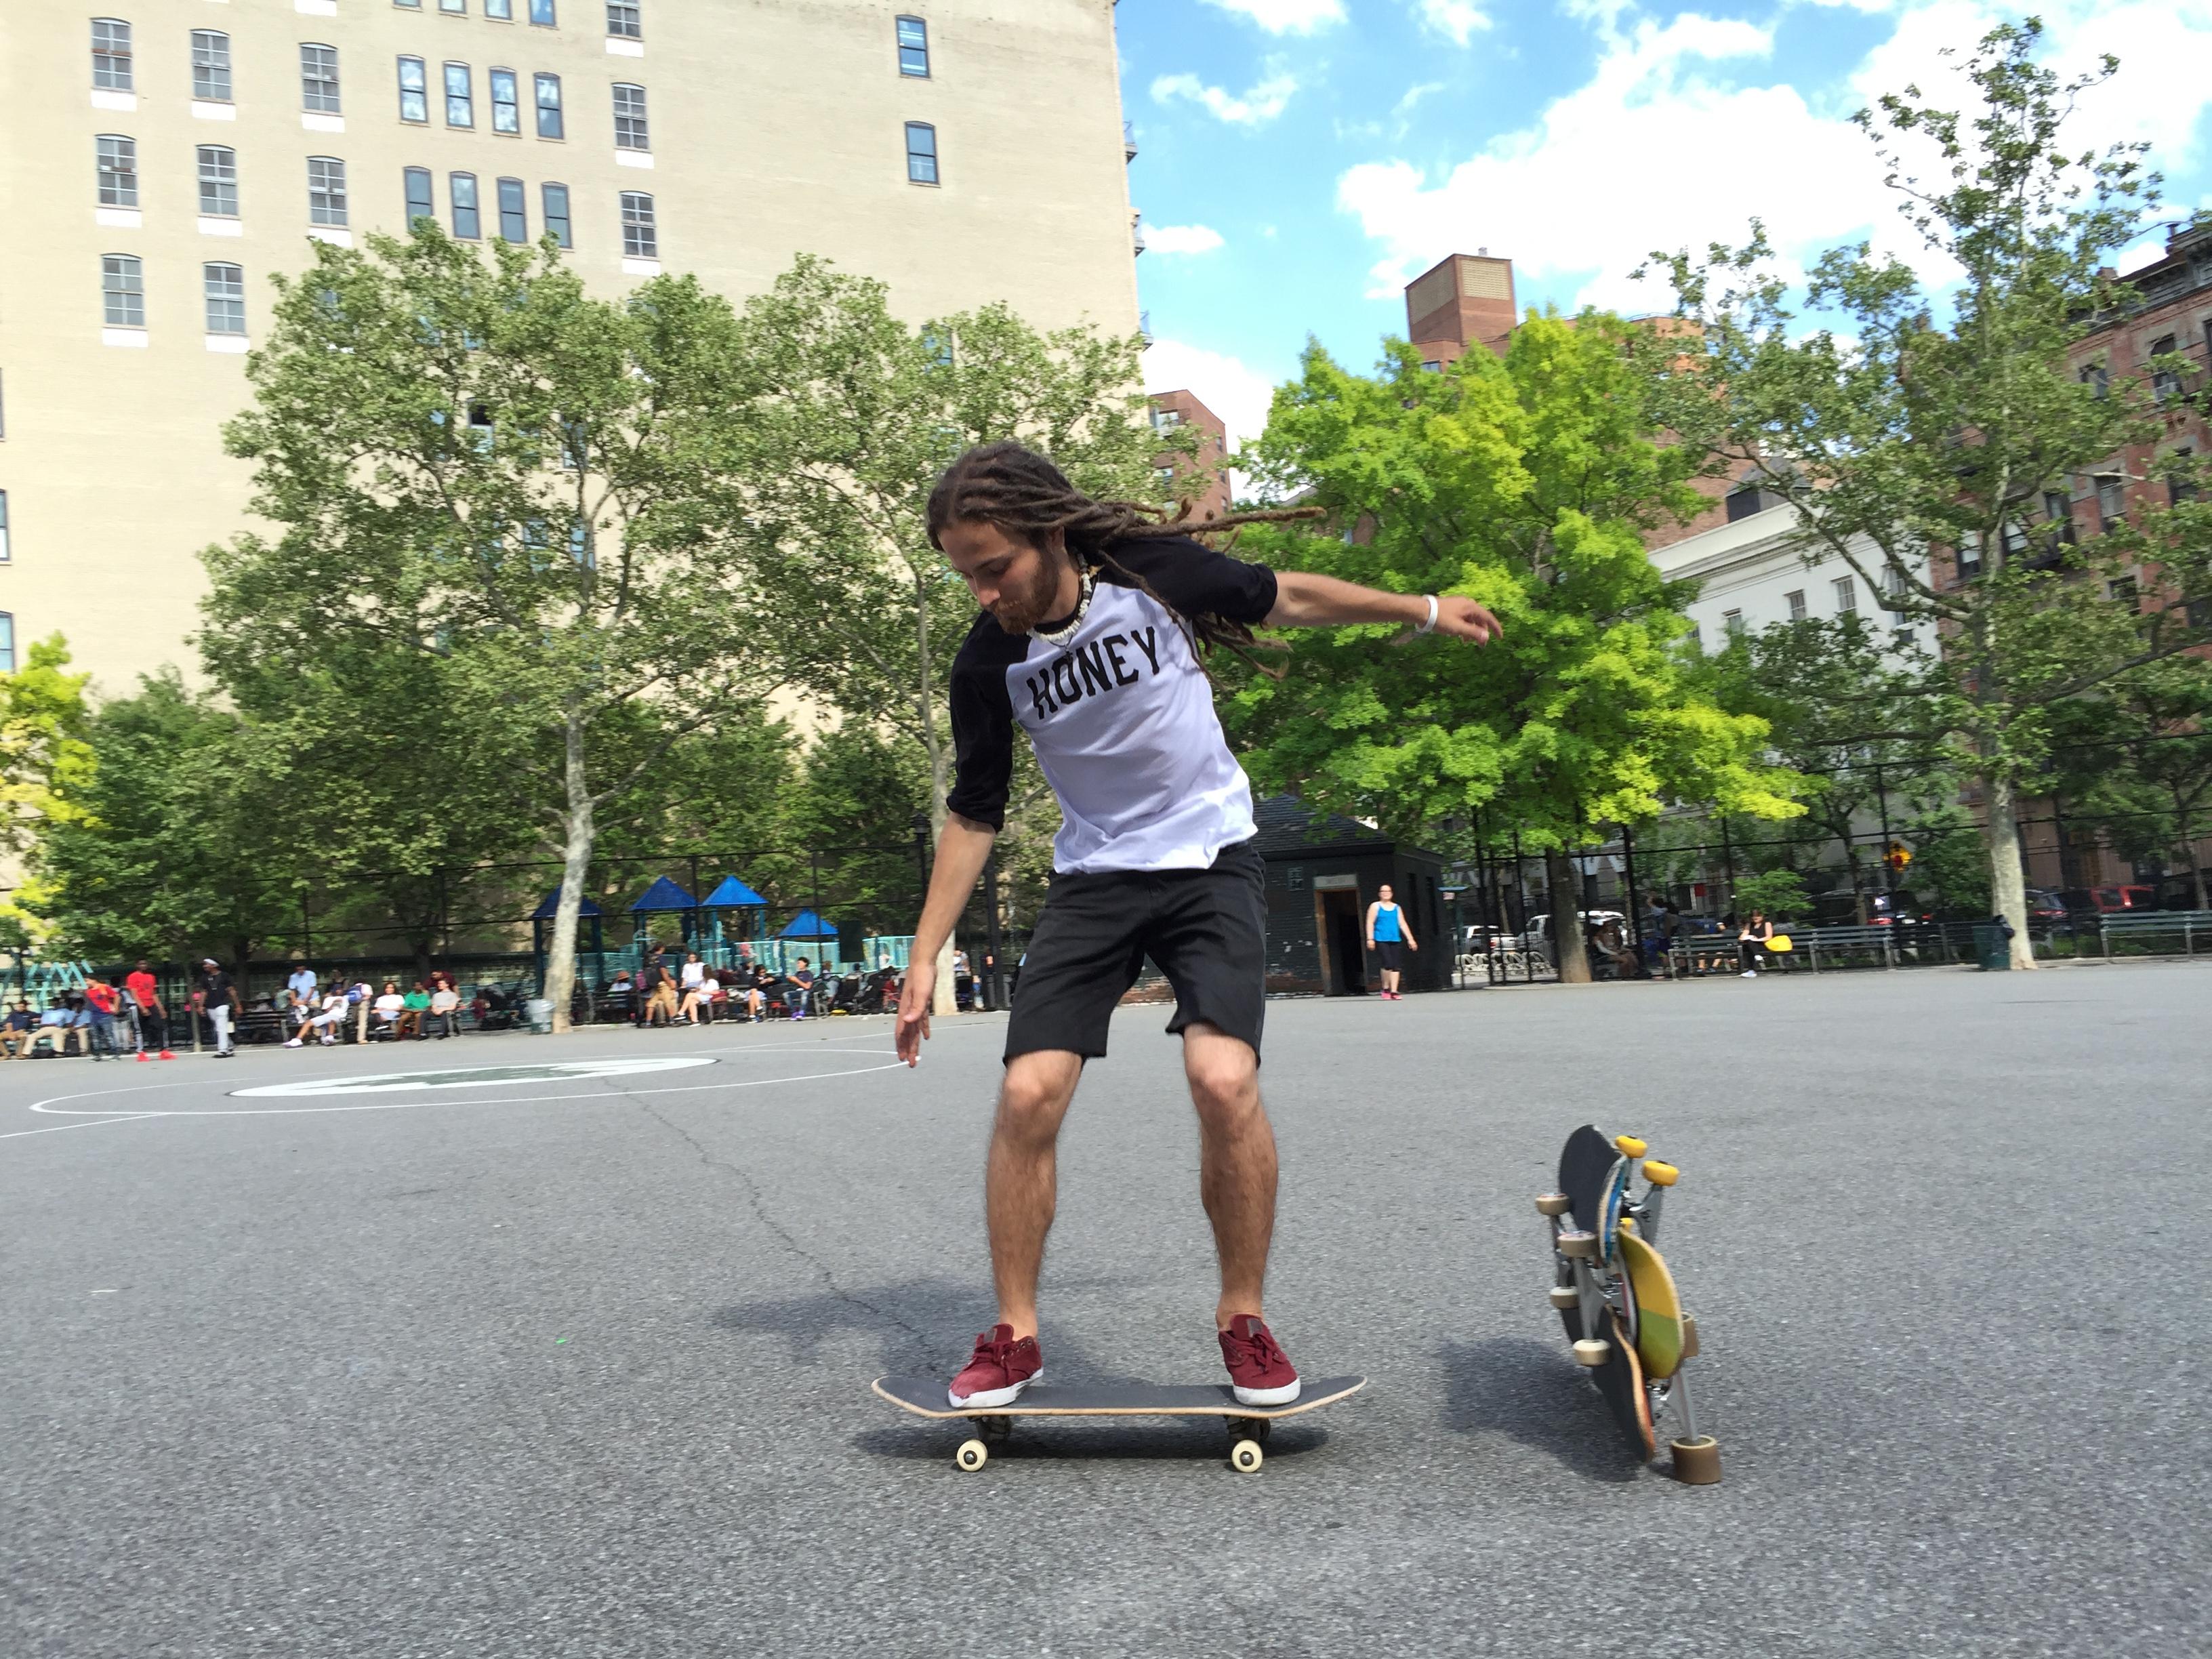 new_york_city_skateboard_lessons_9